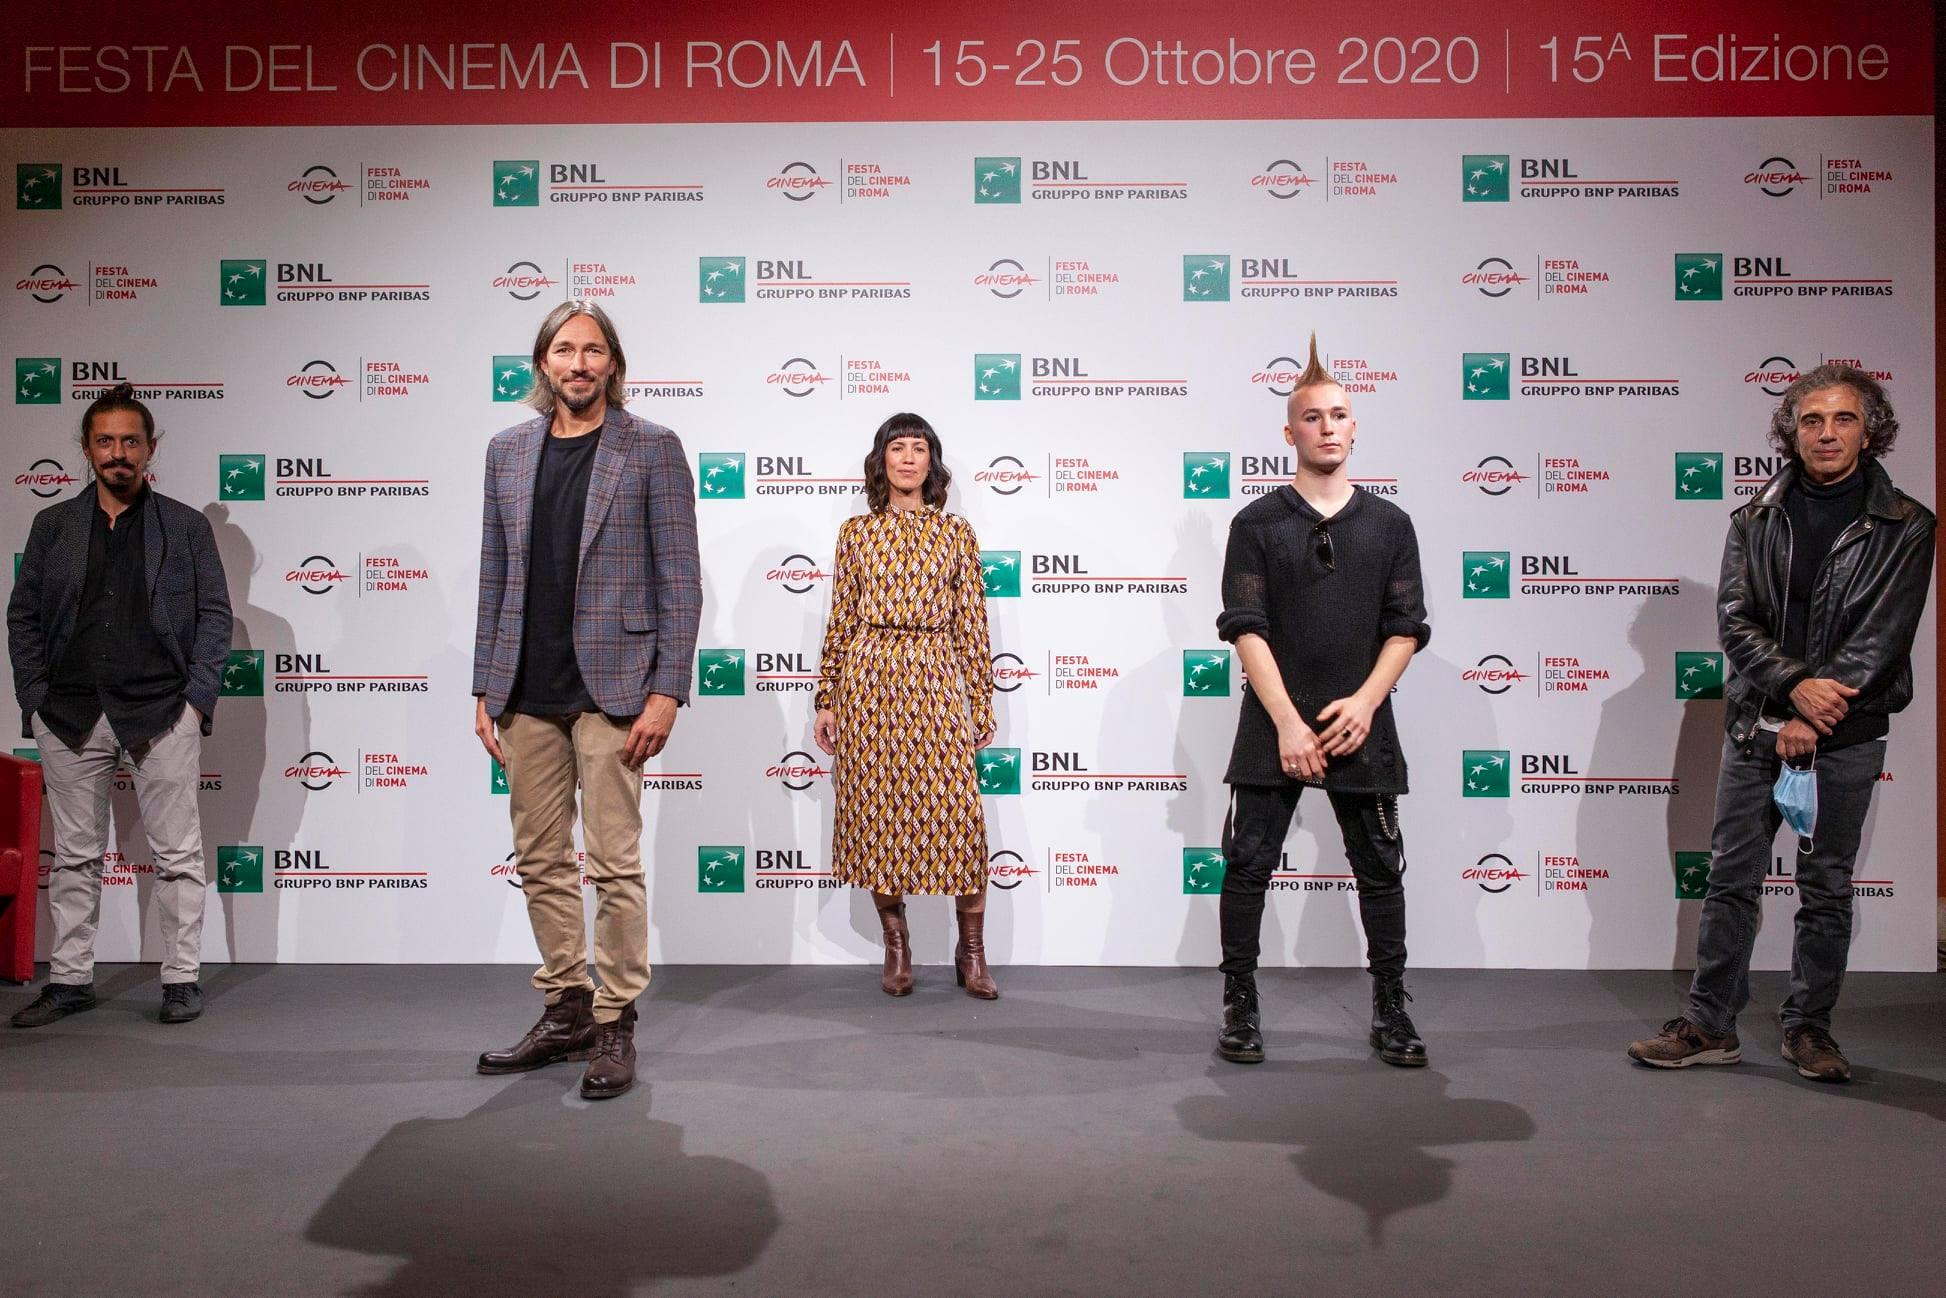 Festa del Cinema a Roma: la prima di We are the Thousand. Fabio Zaffagnini, Anita Rivaroli e ultimo, ma non meno importante, a destra il maestro Sabiu.